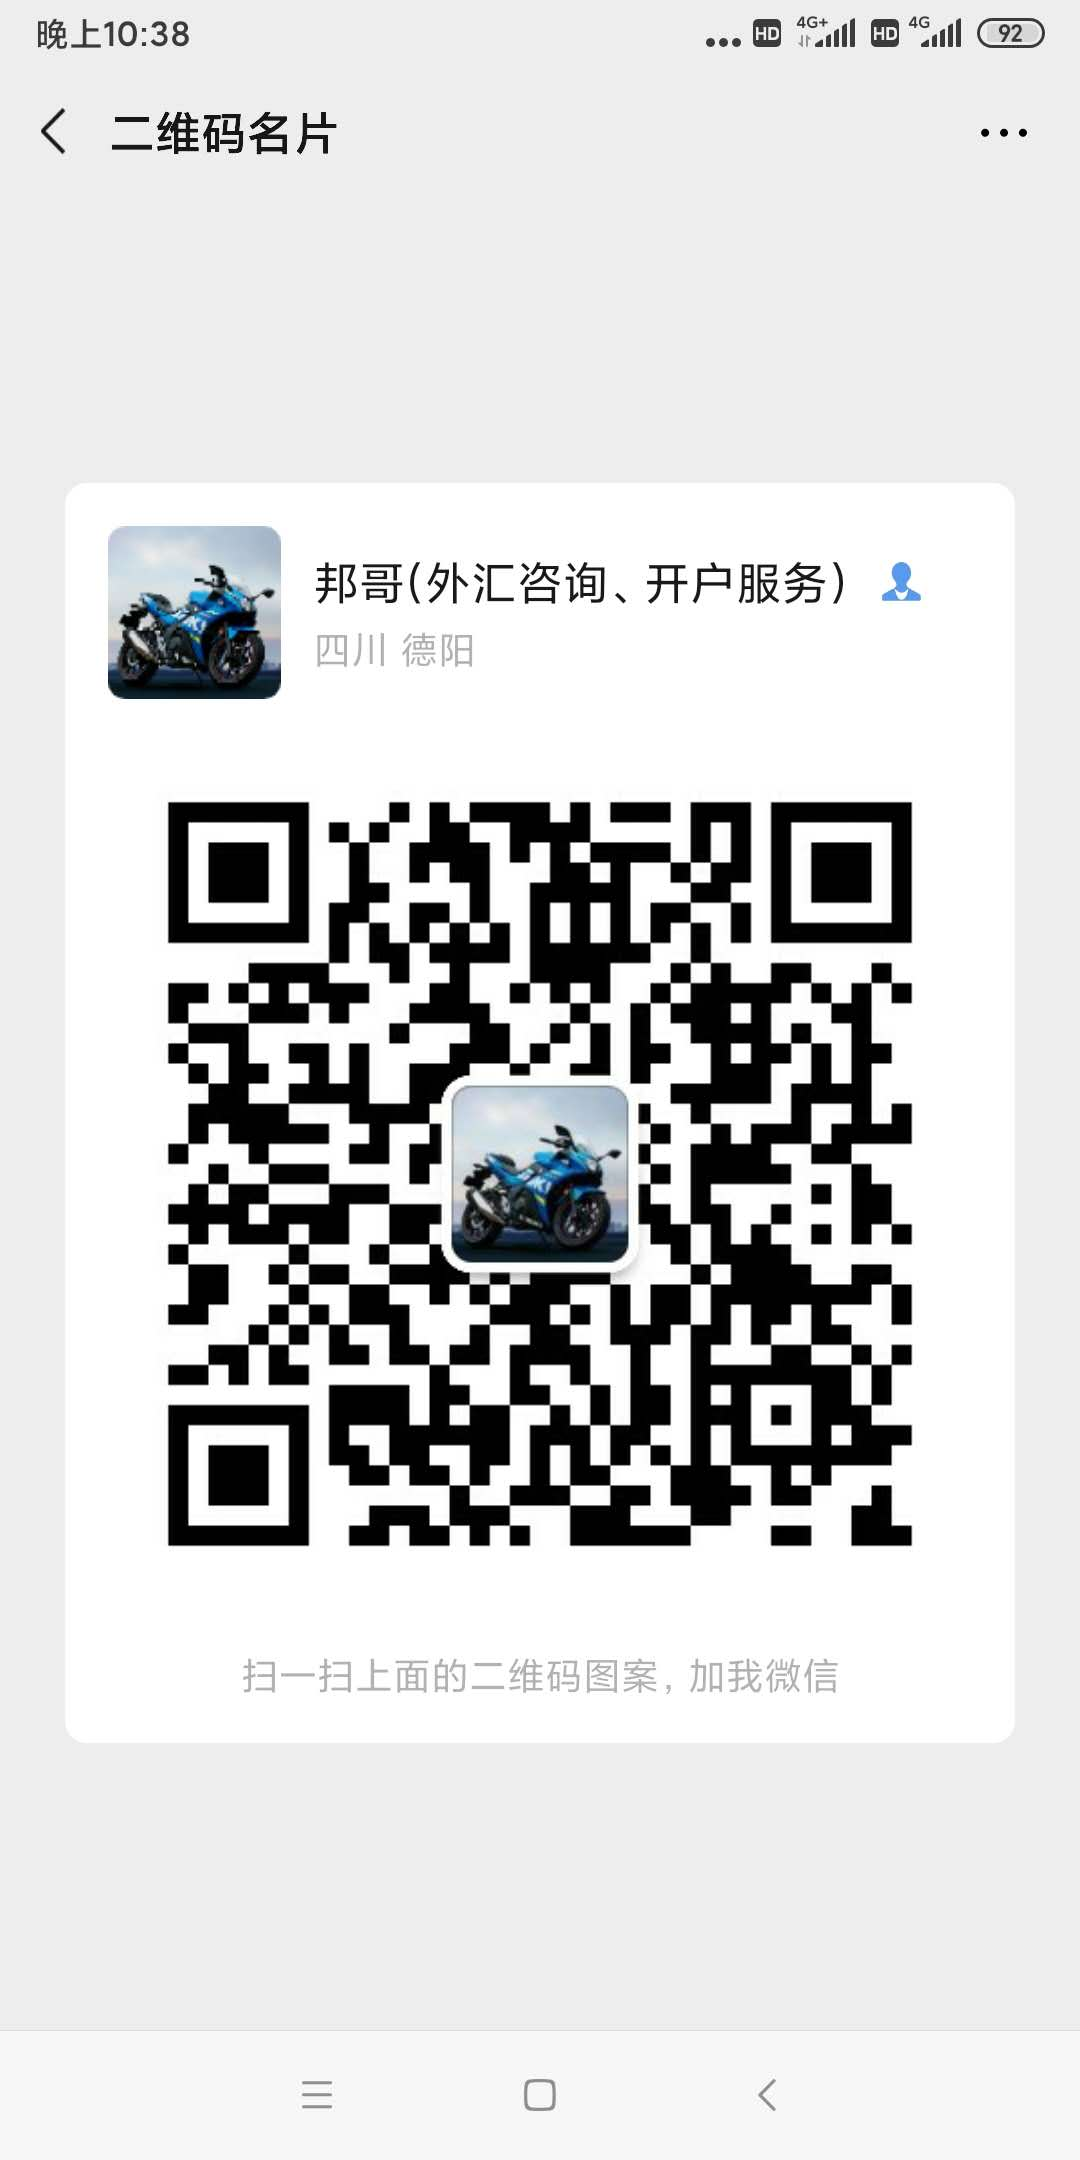 微信图片_20200304141915.jpg